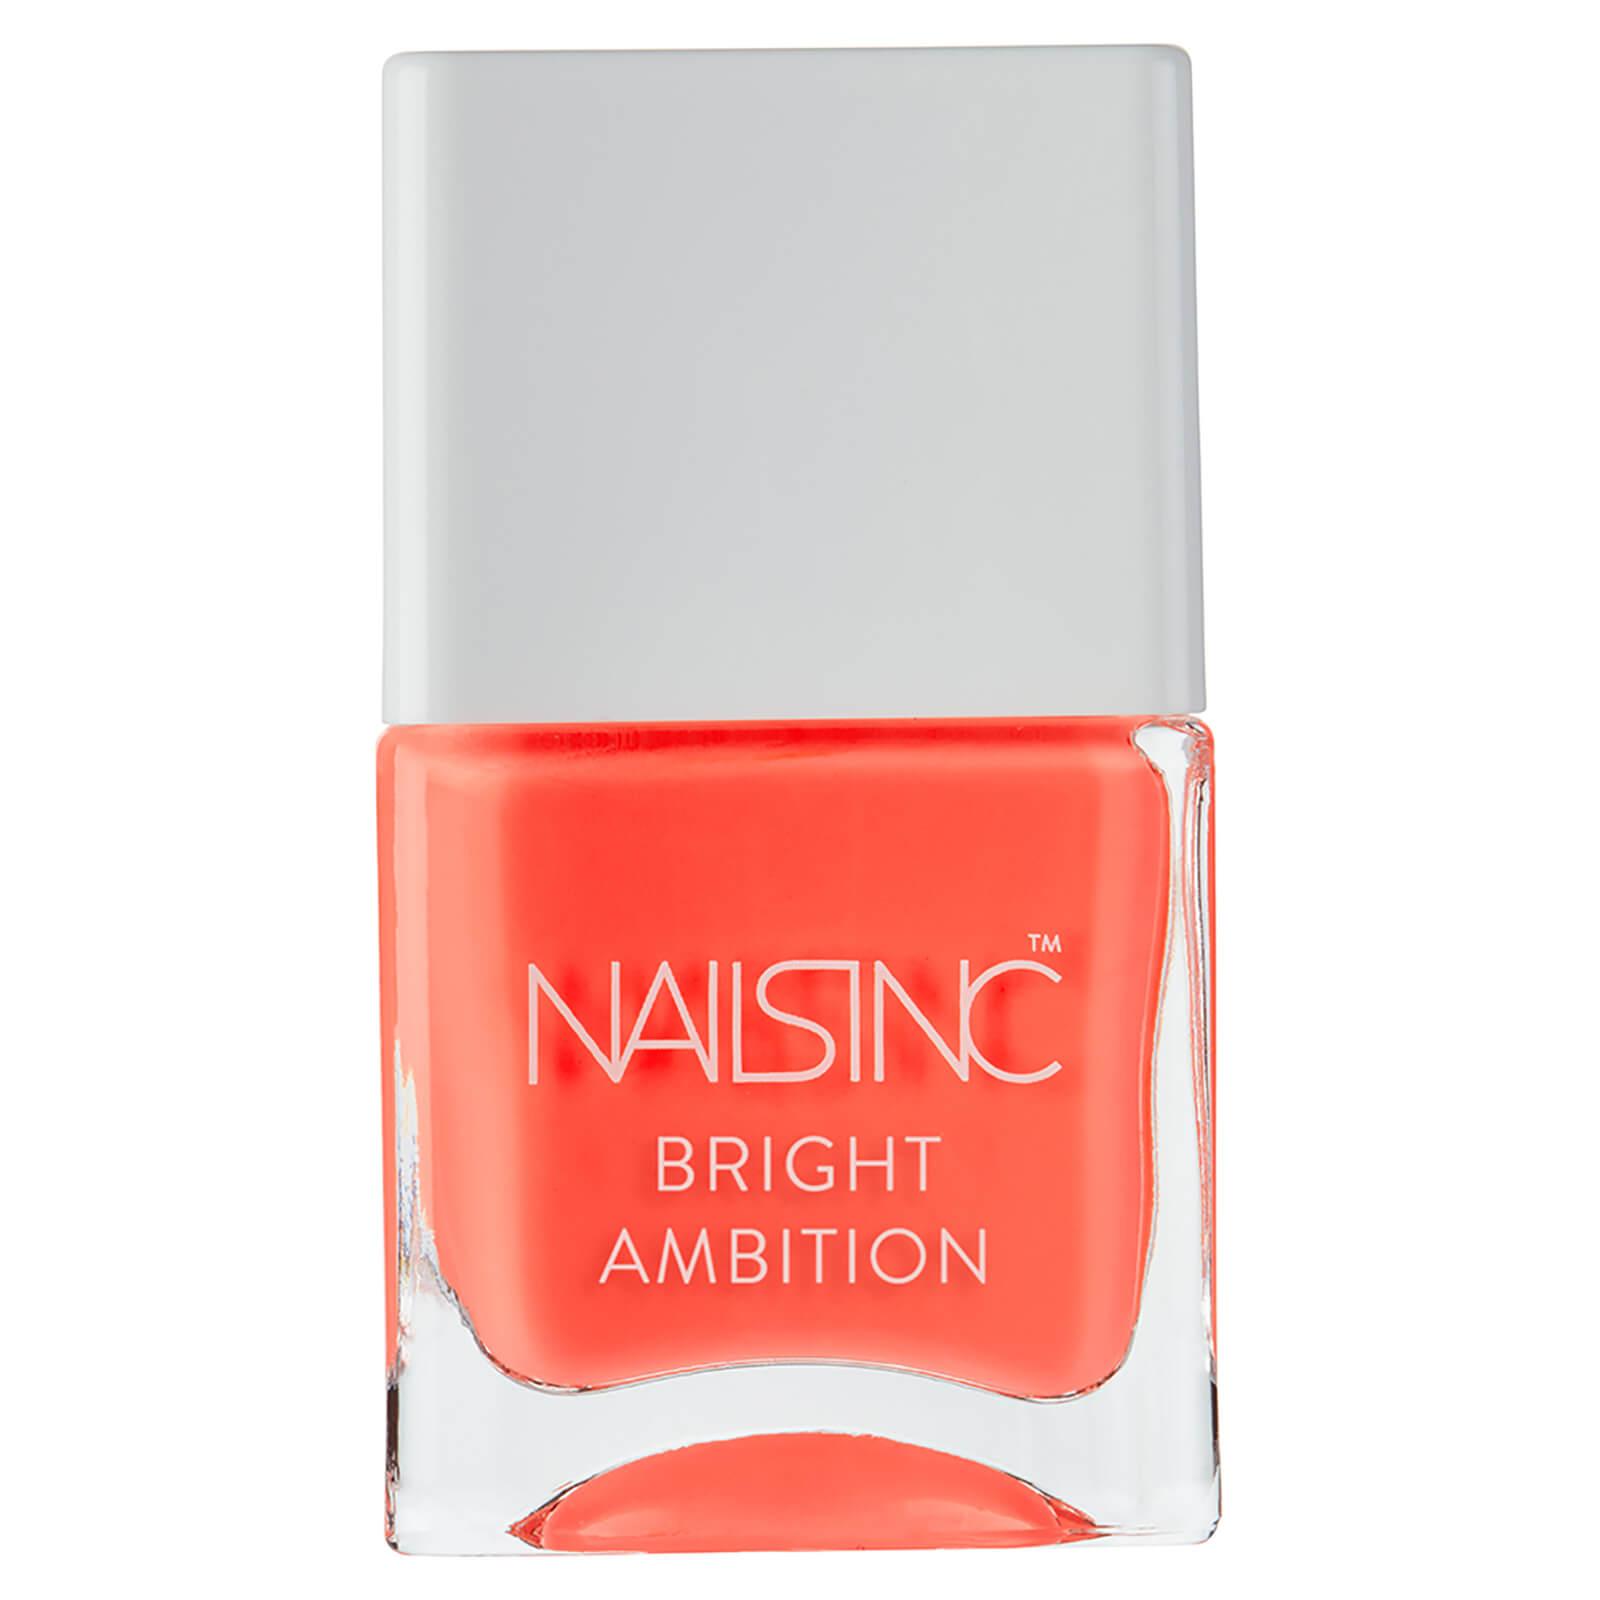 Nails Inc Bright Ambition Nail Polish Strictly 14ml Free Shipping Lookfantastic